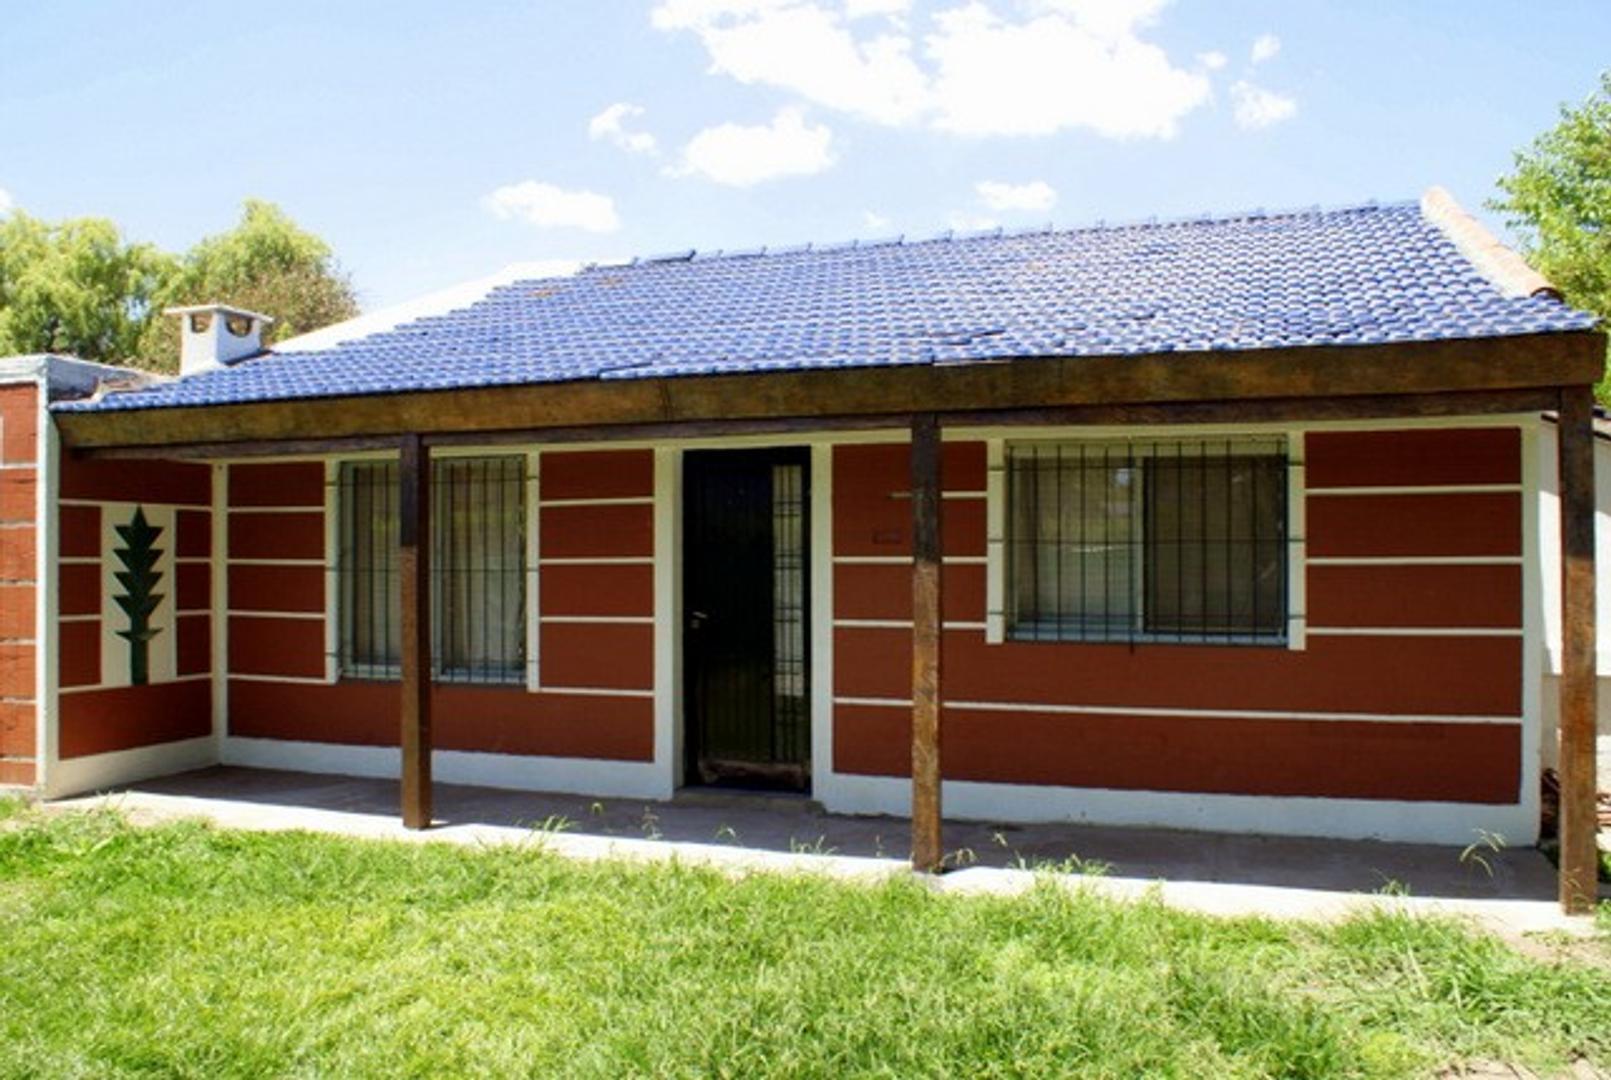 Living, cocina-comedor, 2 dormitorios, 2 baños, con garage, y lavadero, a 1/2 cuadra de la Ruta 26.-